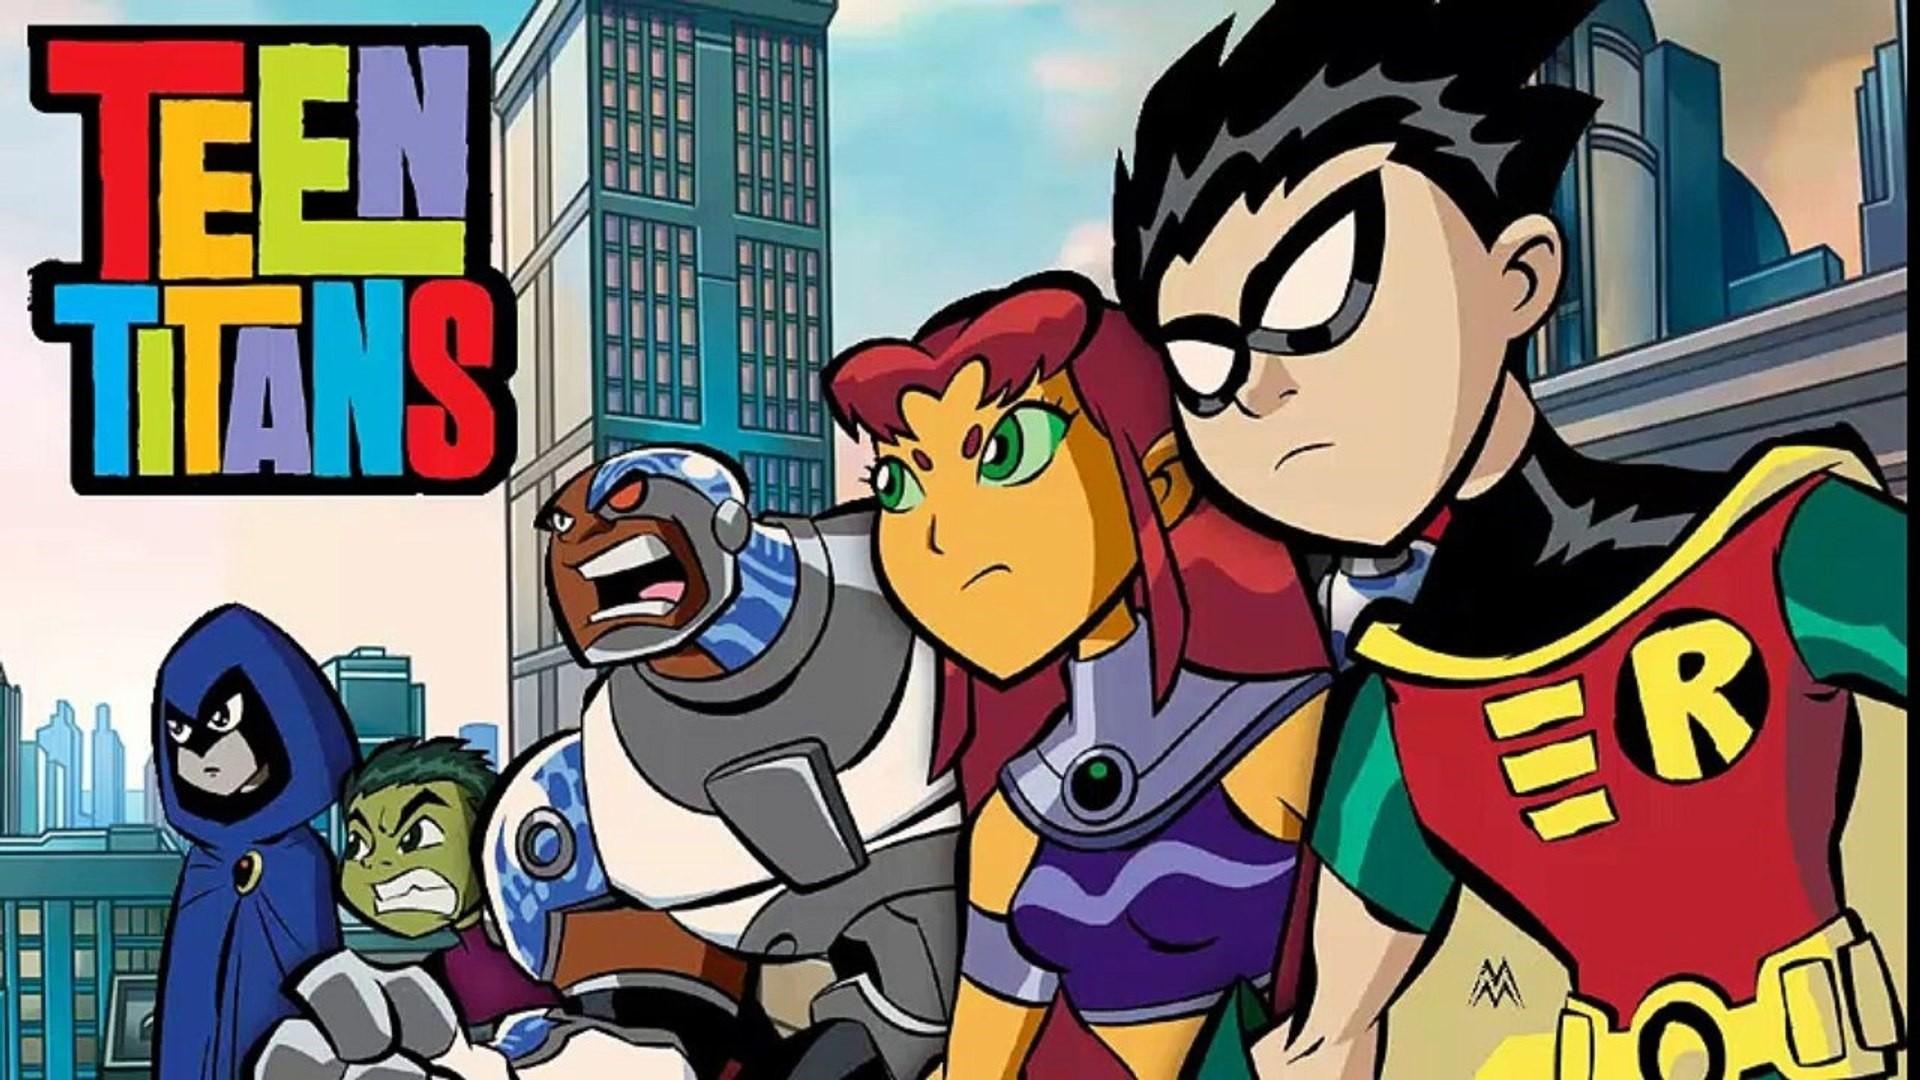 Teen Titans computer wallpaper